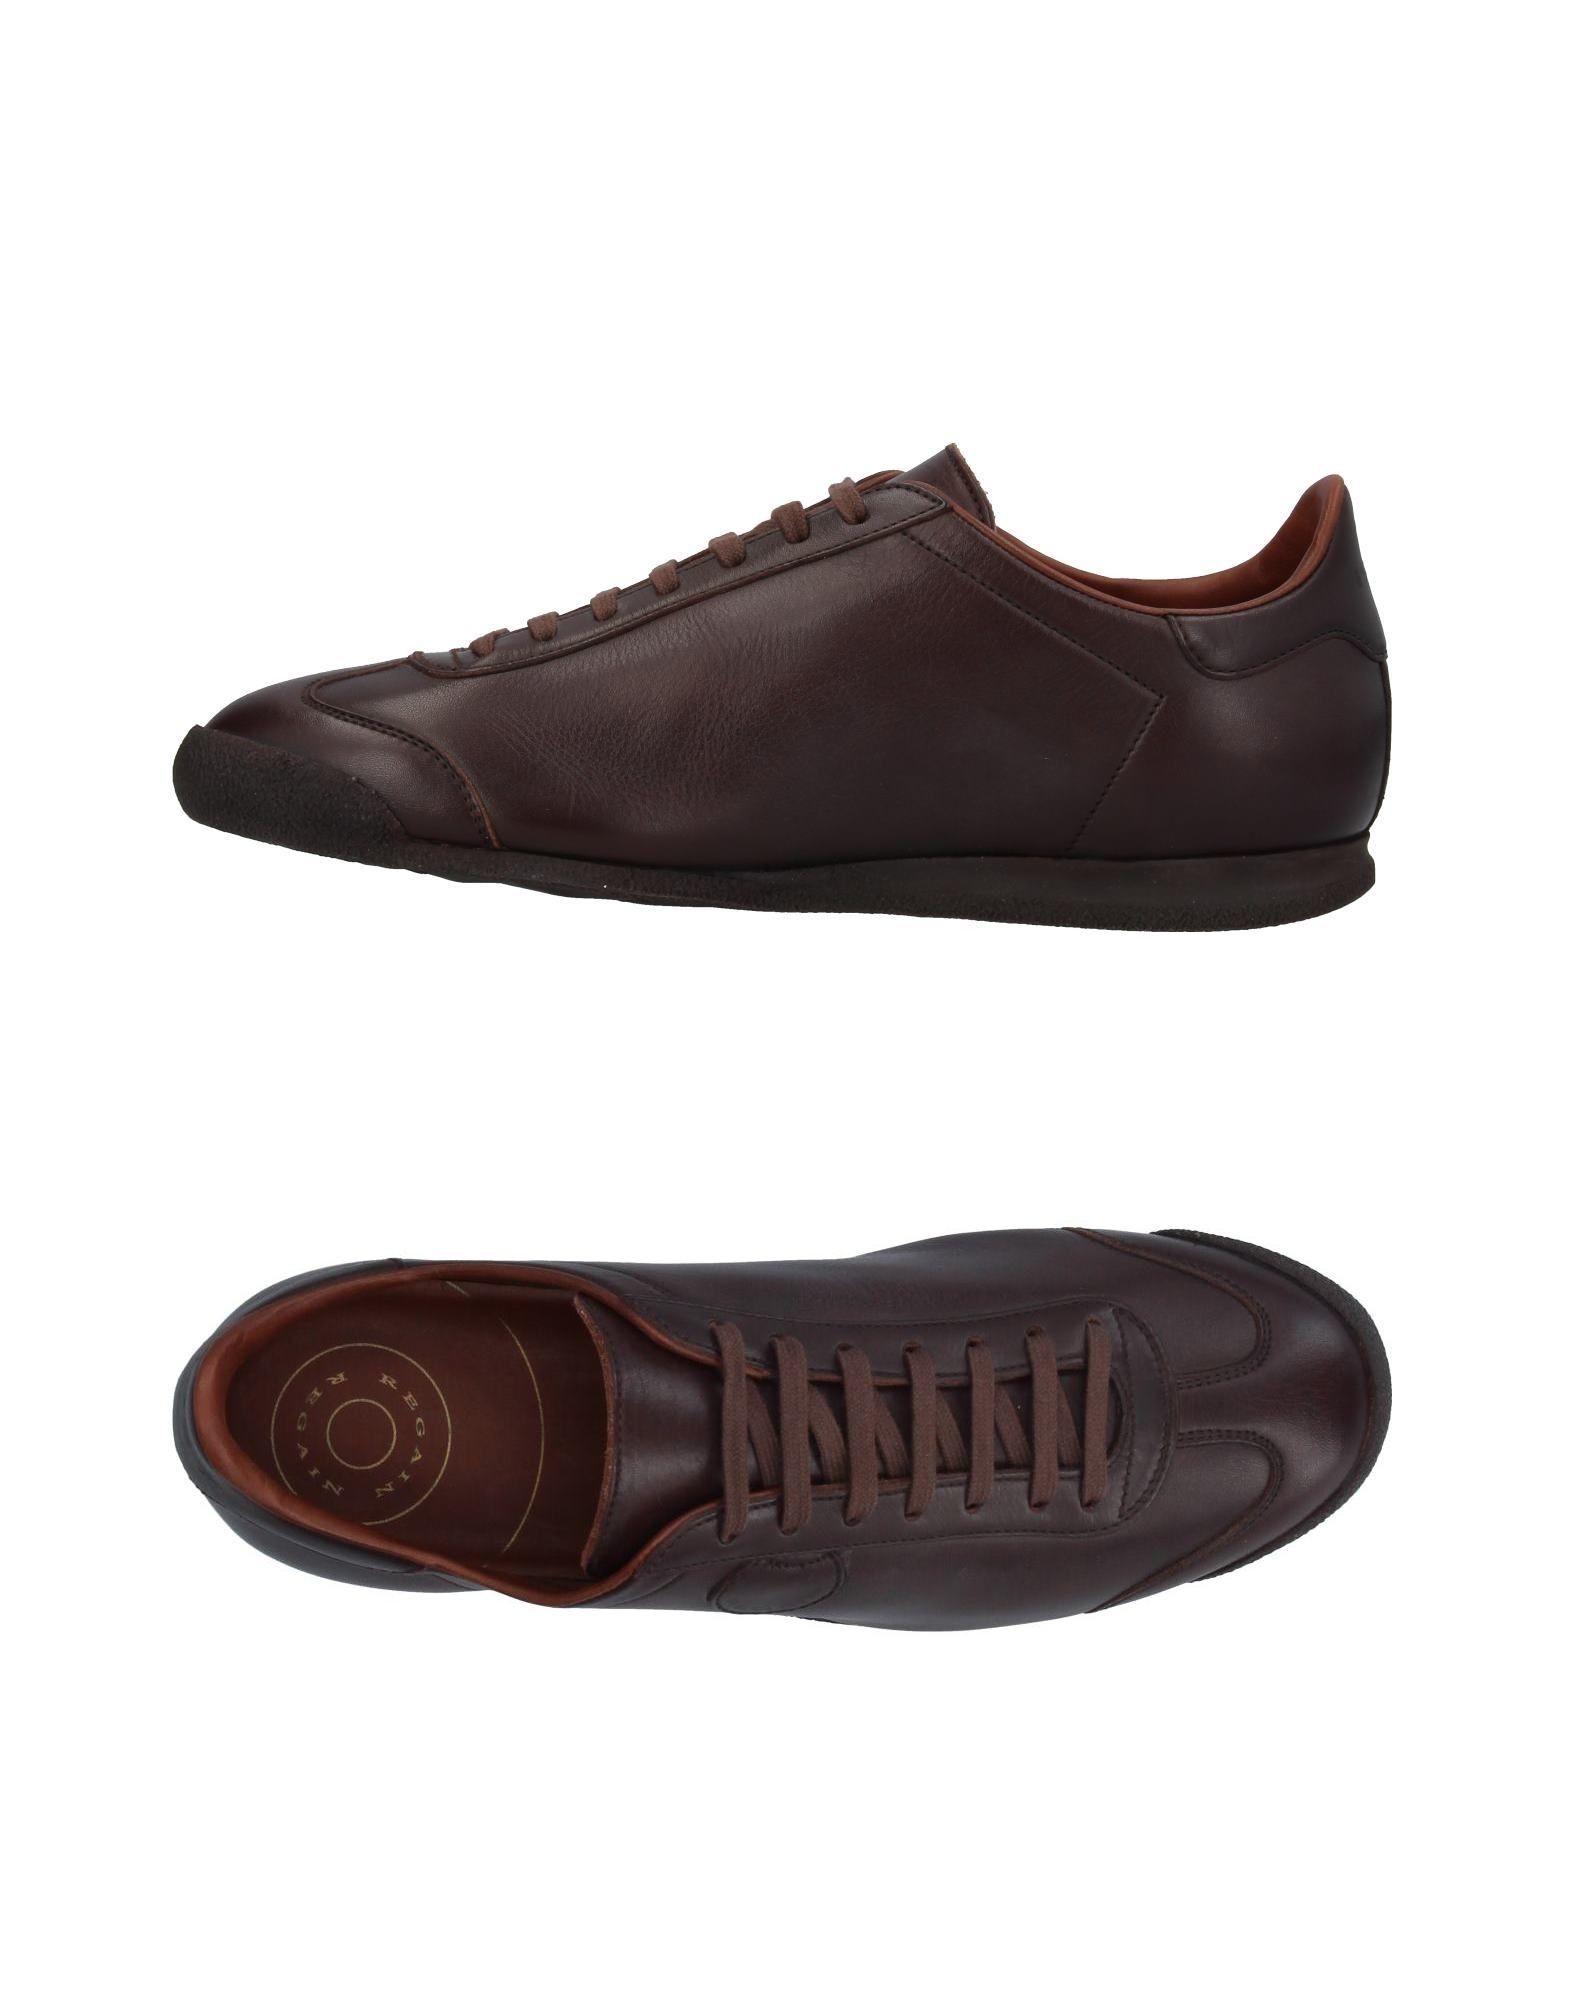 Sneakers Regain su Uomo Acquista online qp1wFyf1R